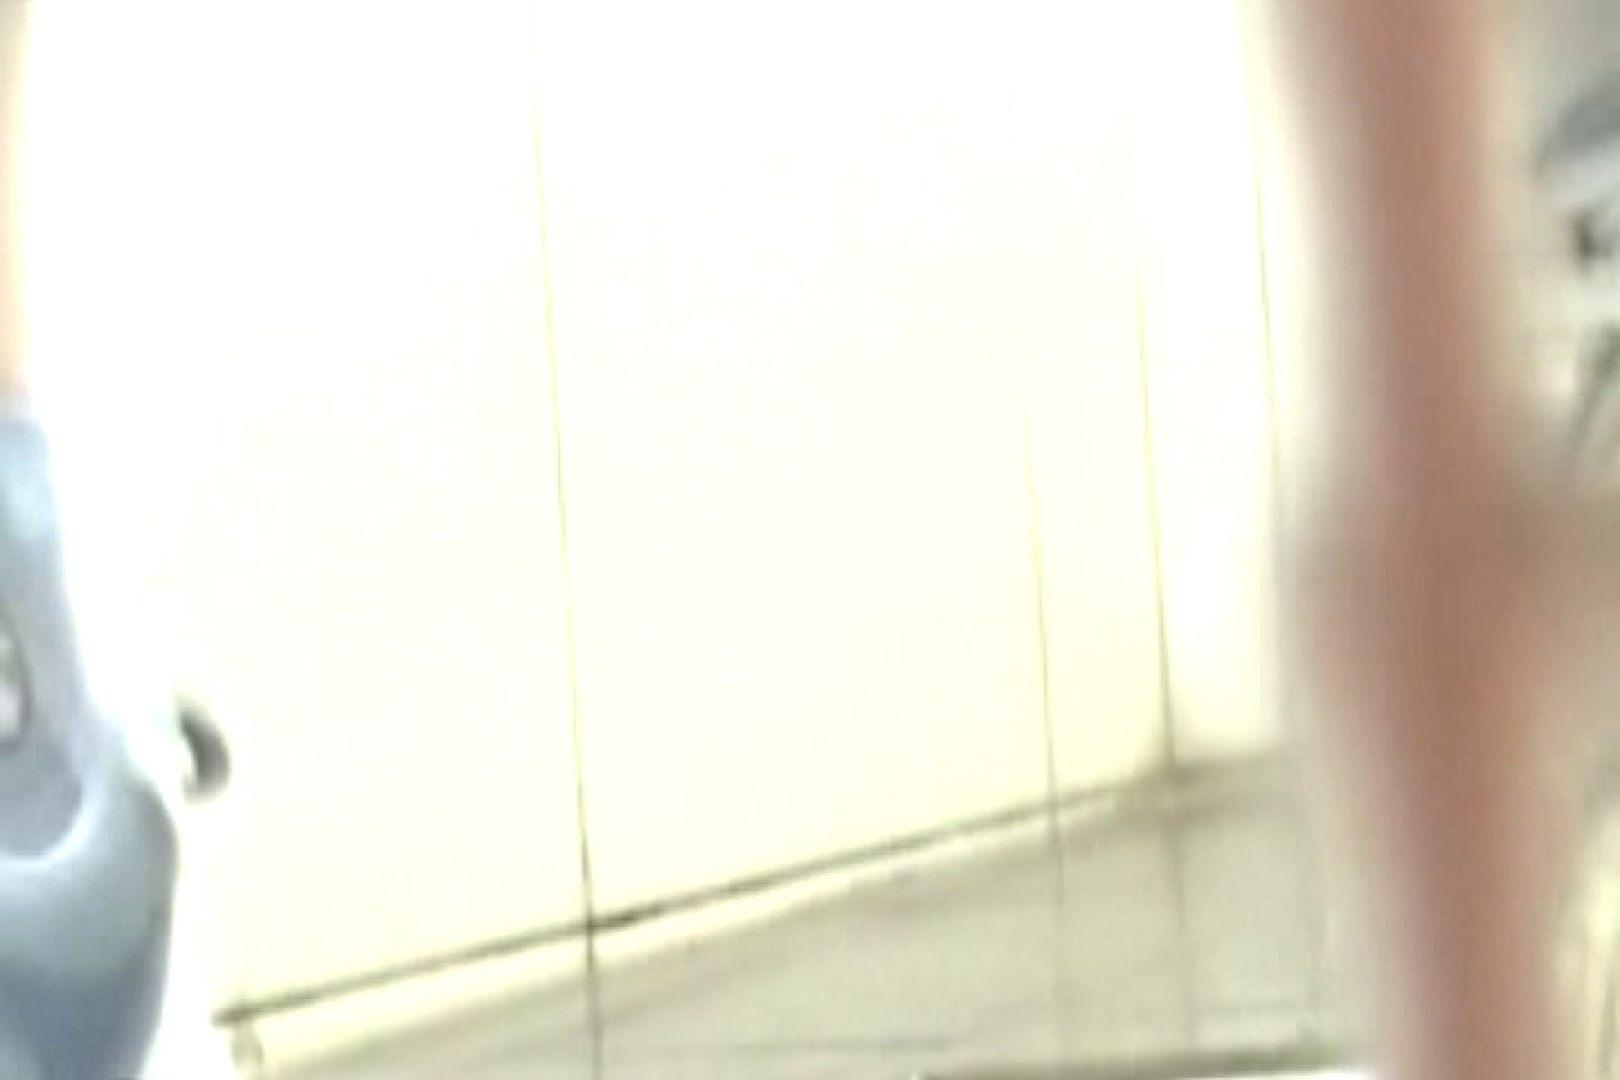 ぼっとん洗面所スペシャルVol.1 おまんこ無修正 盗撮画像 71画像 59